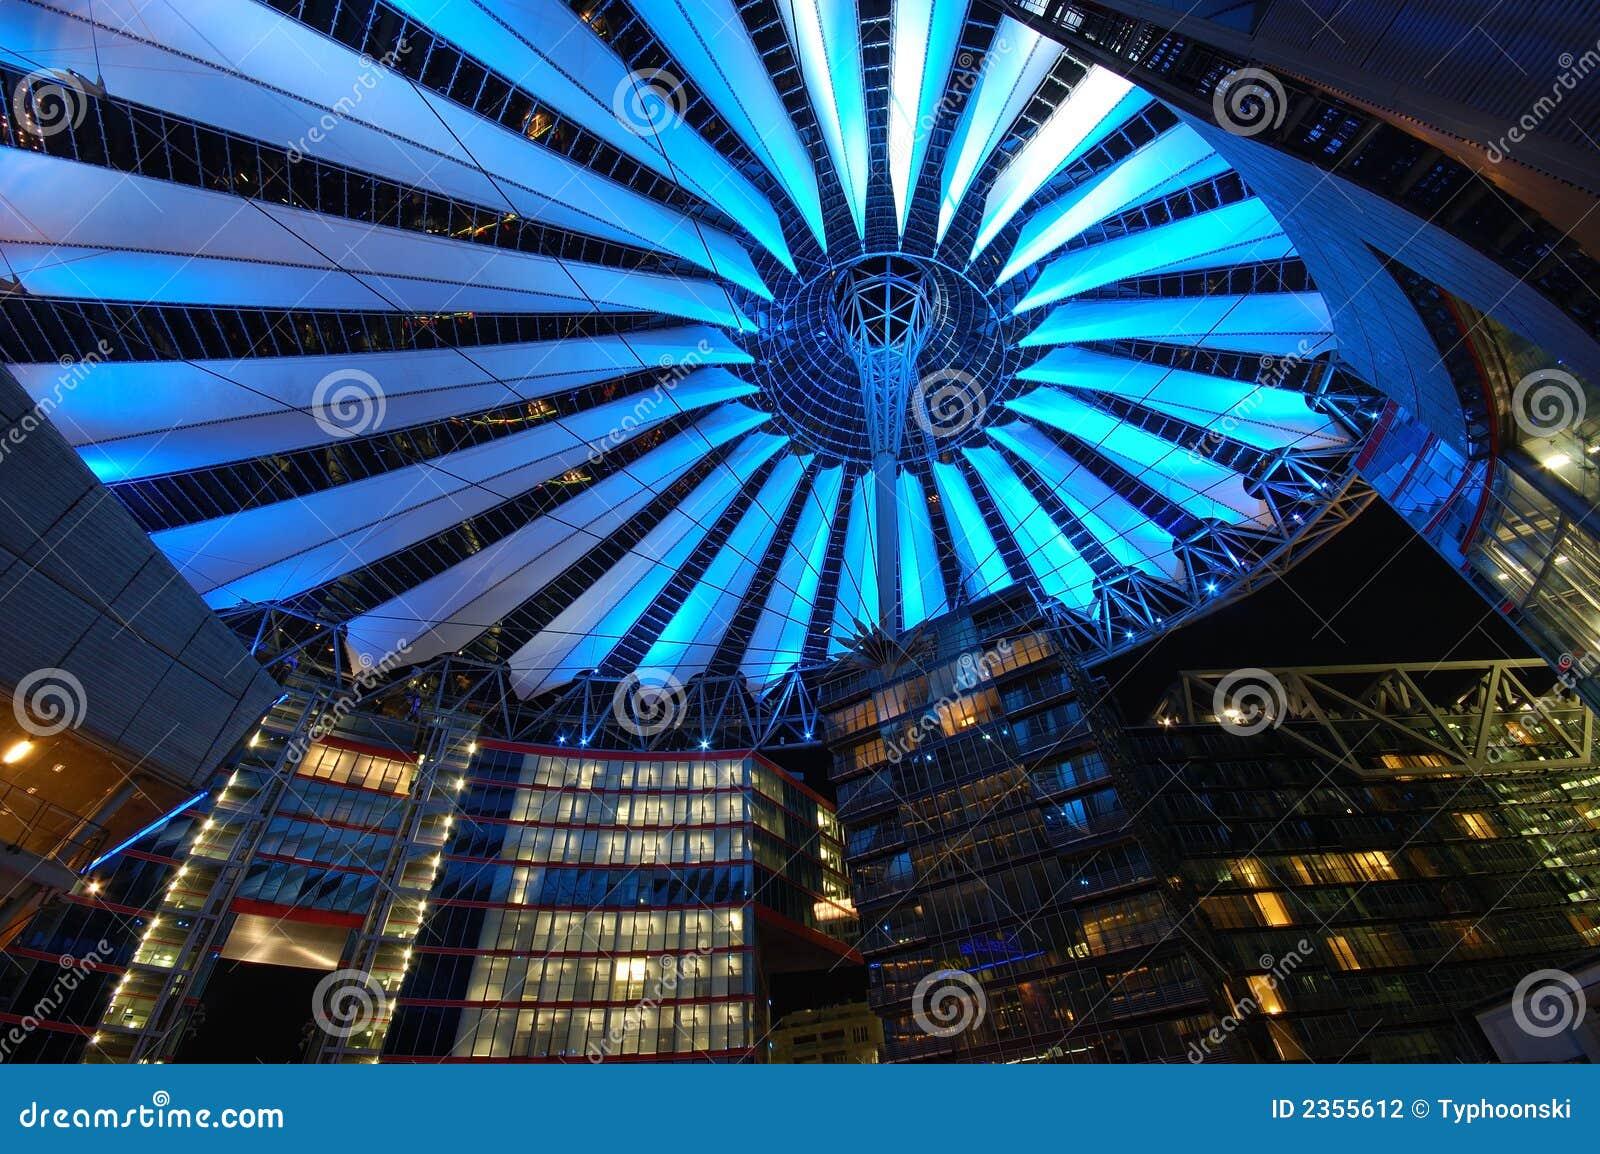 Sony-centrum in Berlijn